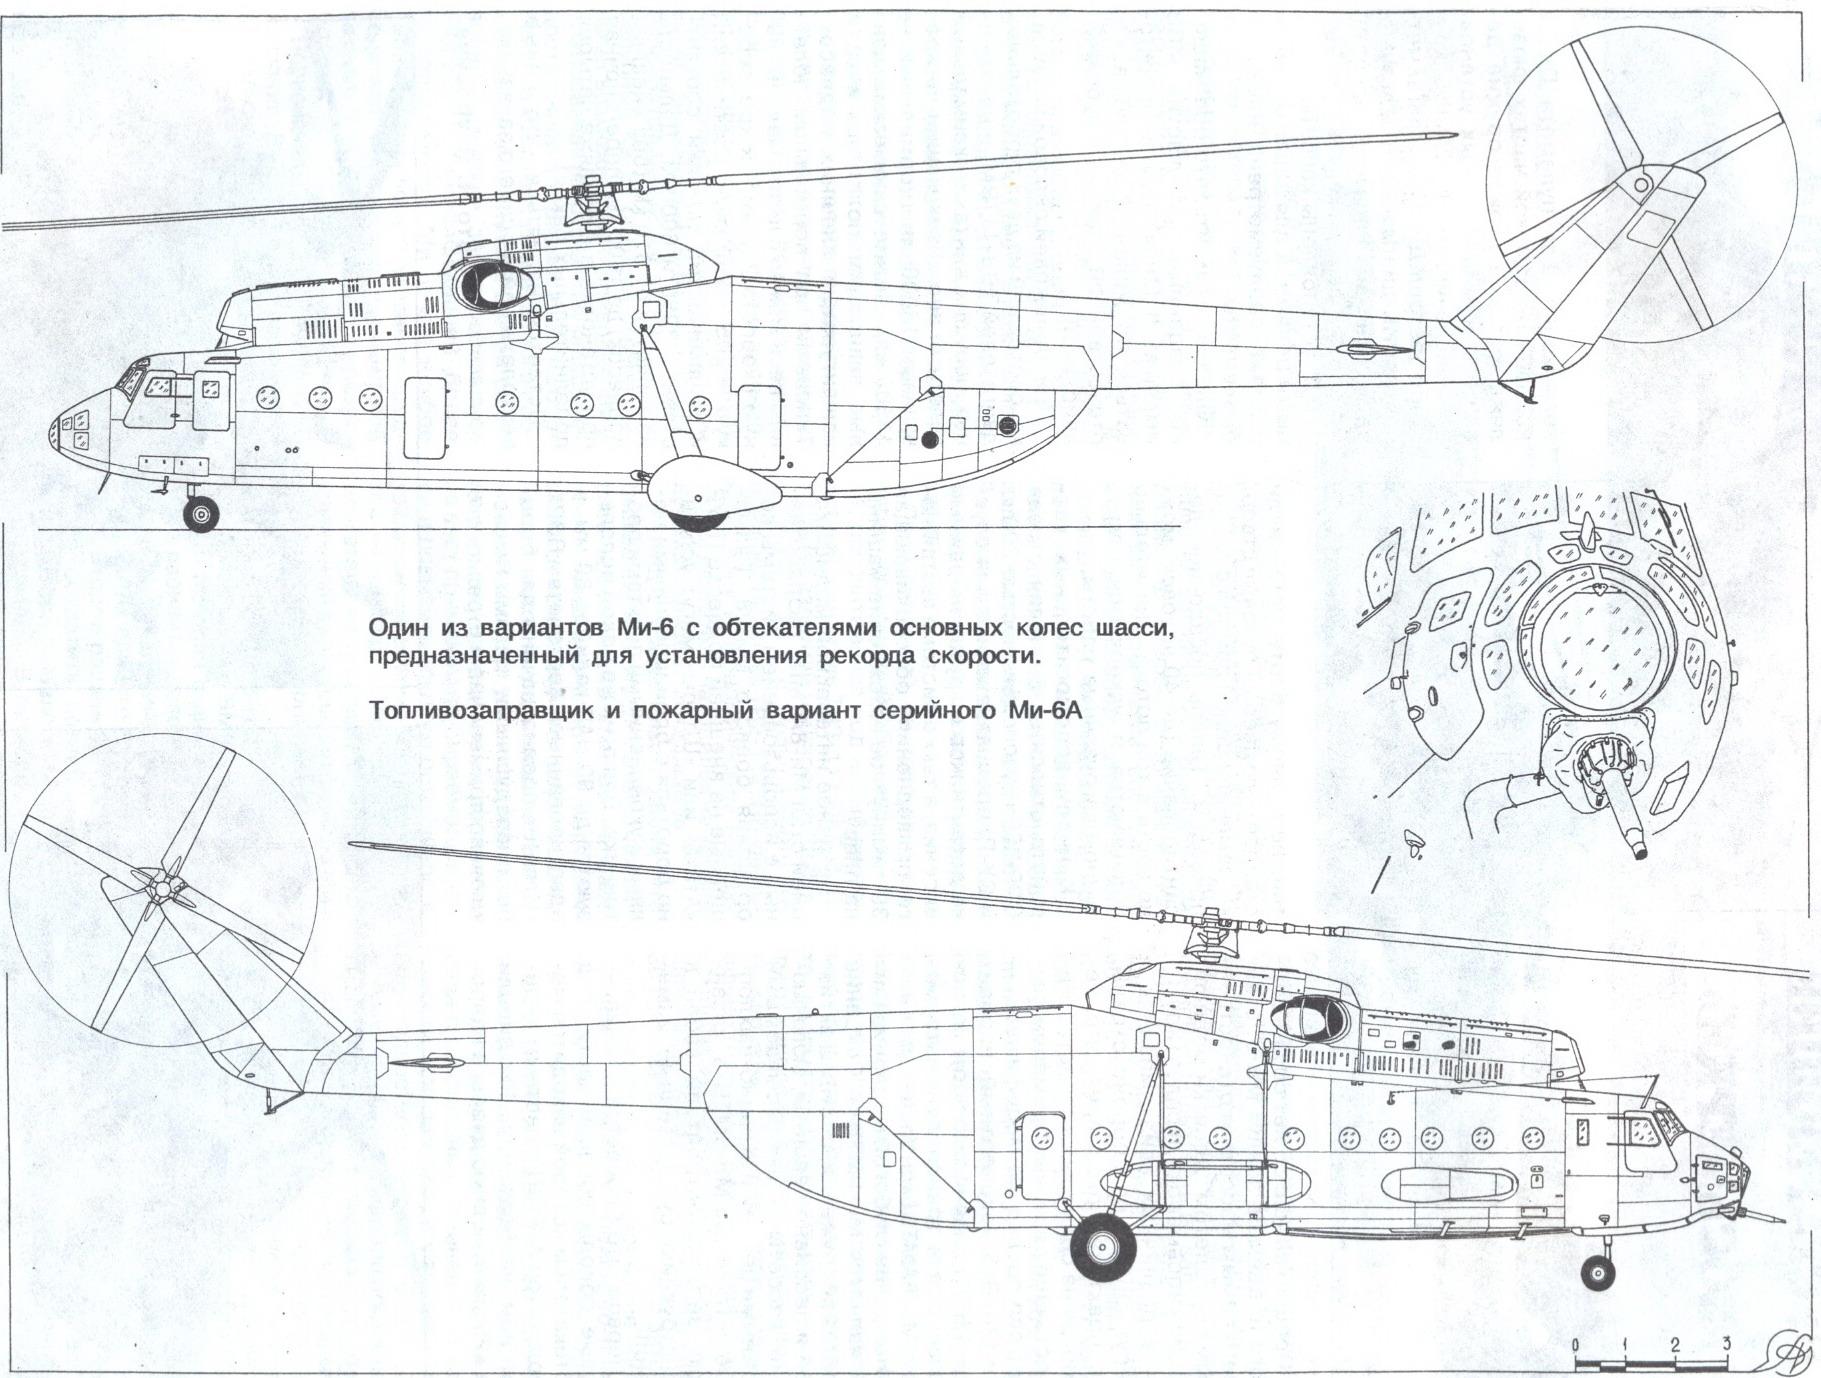 Mi-6a blueprint